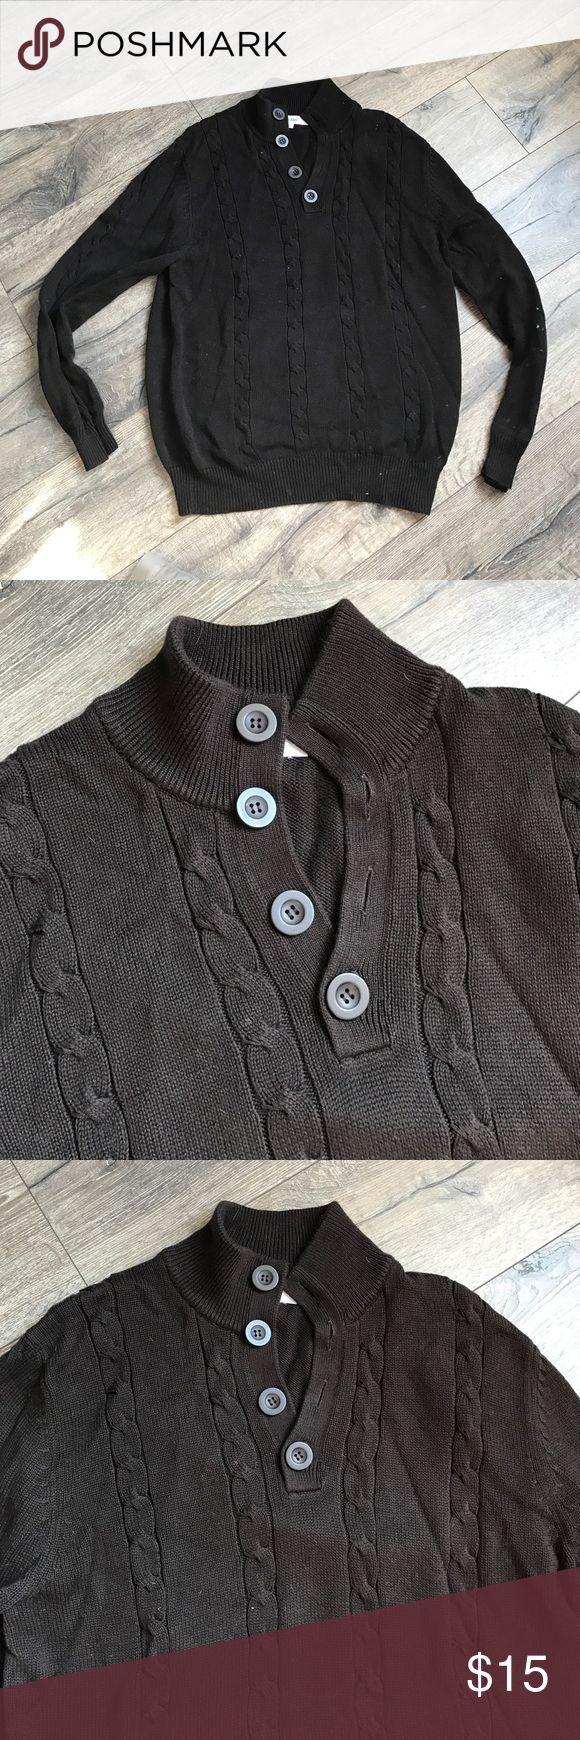 Men's brown Calvin Klein sweater Excellent condition only worn twice.  Calvin Klein men's sweater. Calvin Klein Sweaters